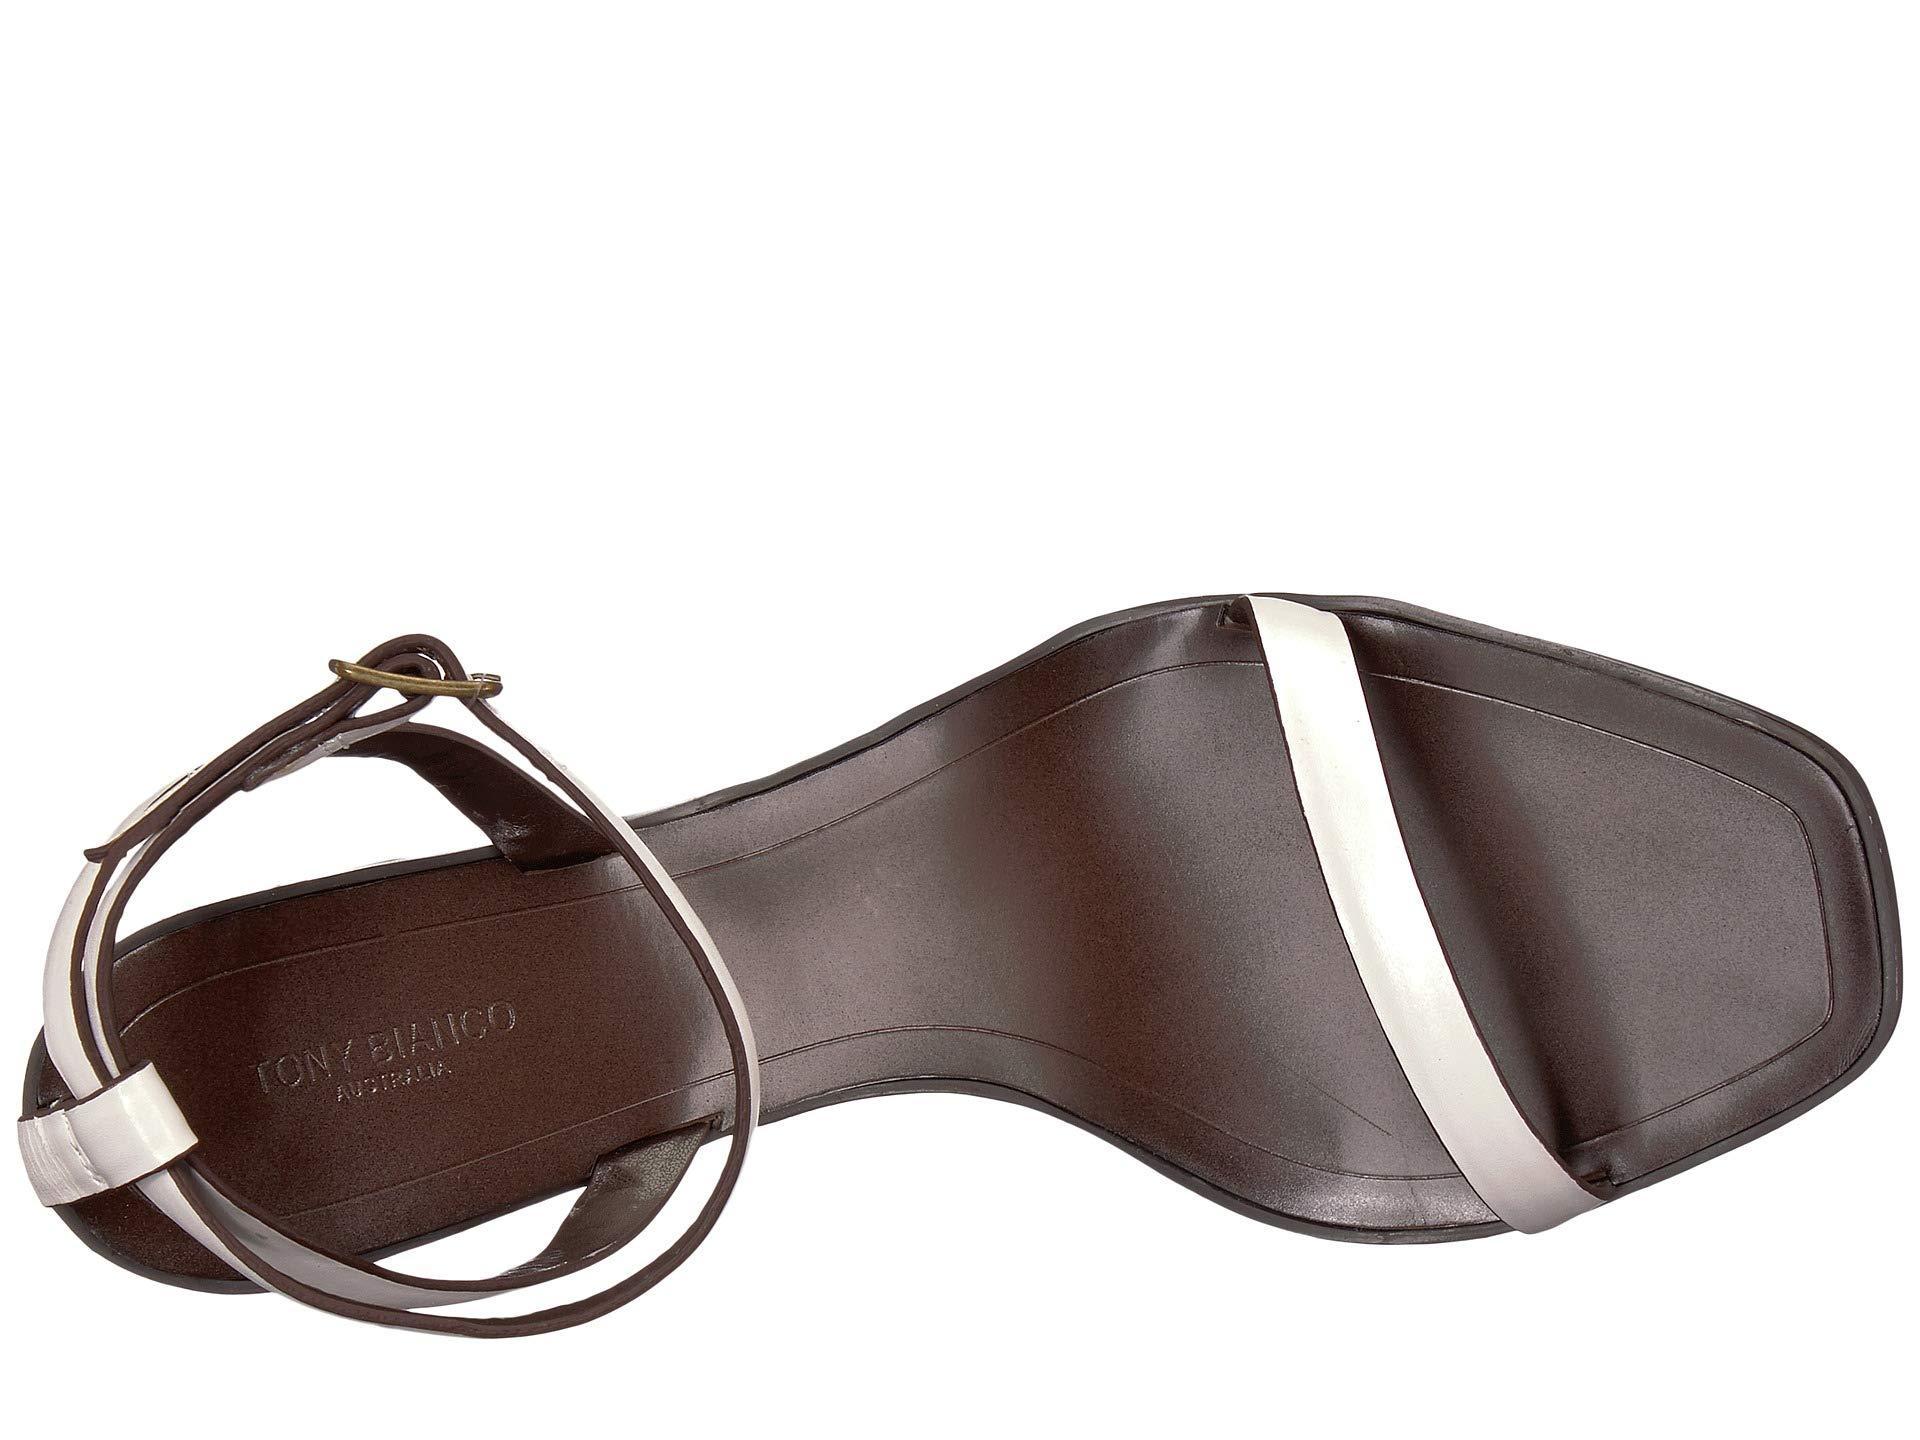 83fead067145 Lyst - Tony Bianco Casadi (white Capretto) Women s Toe Open Shoes